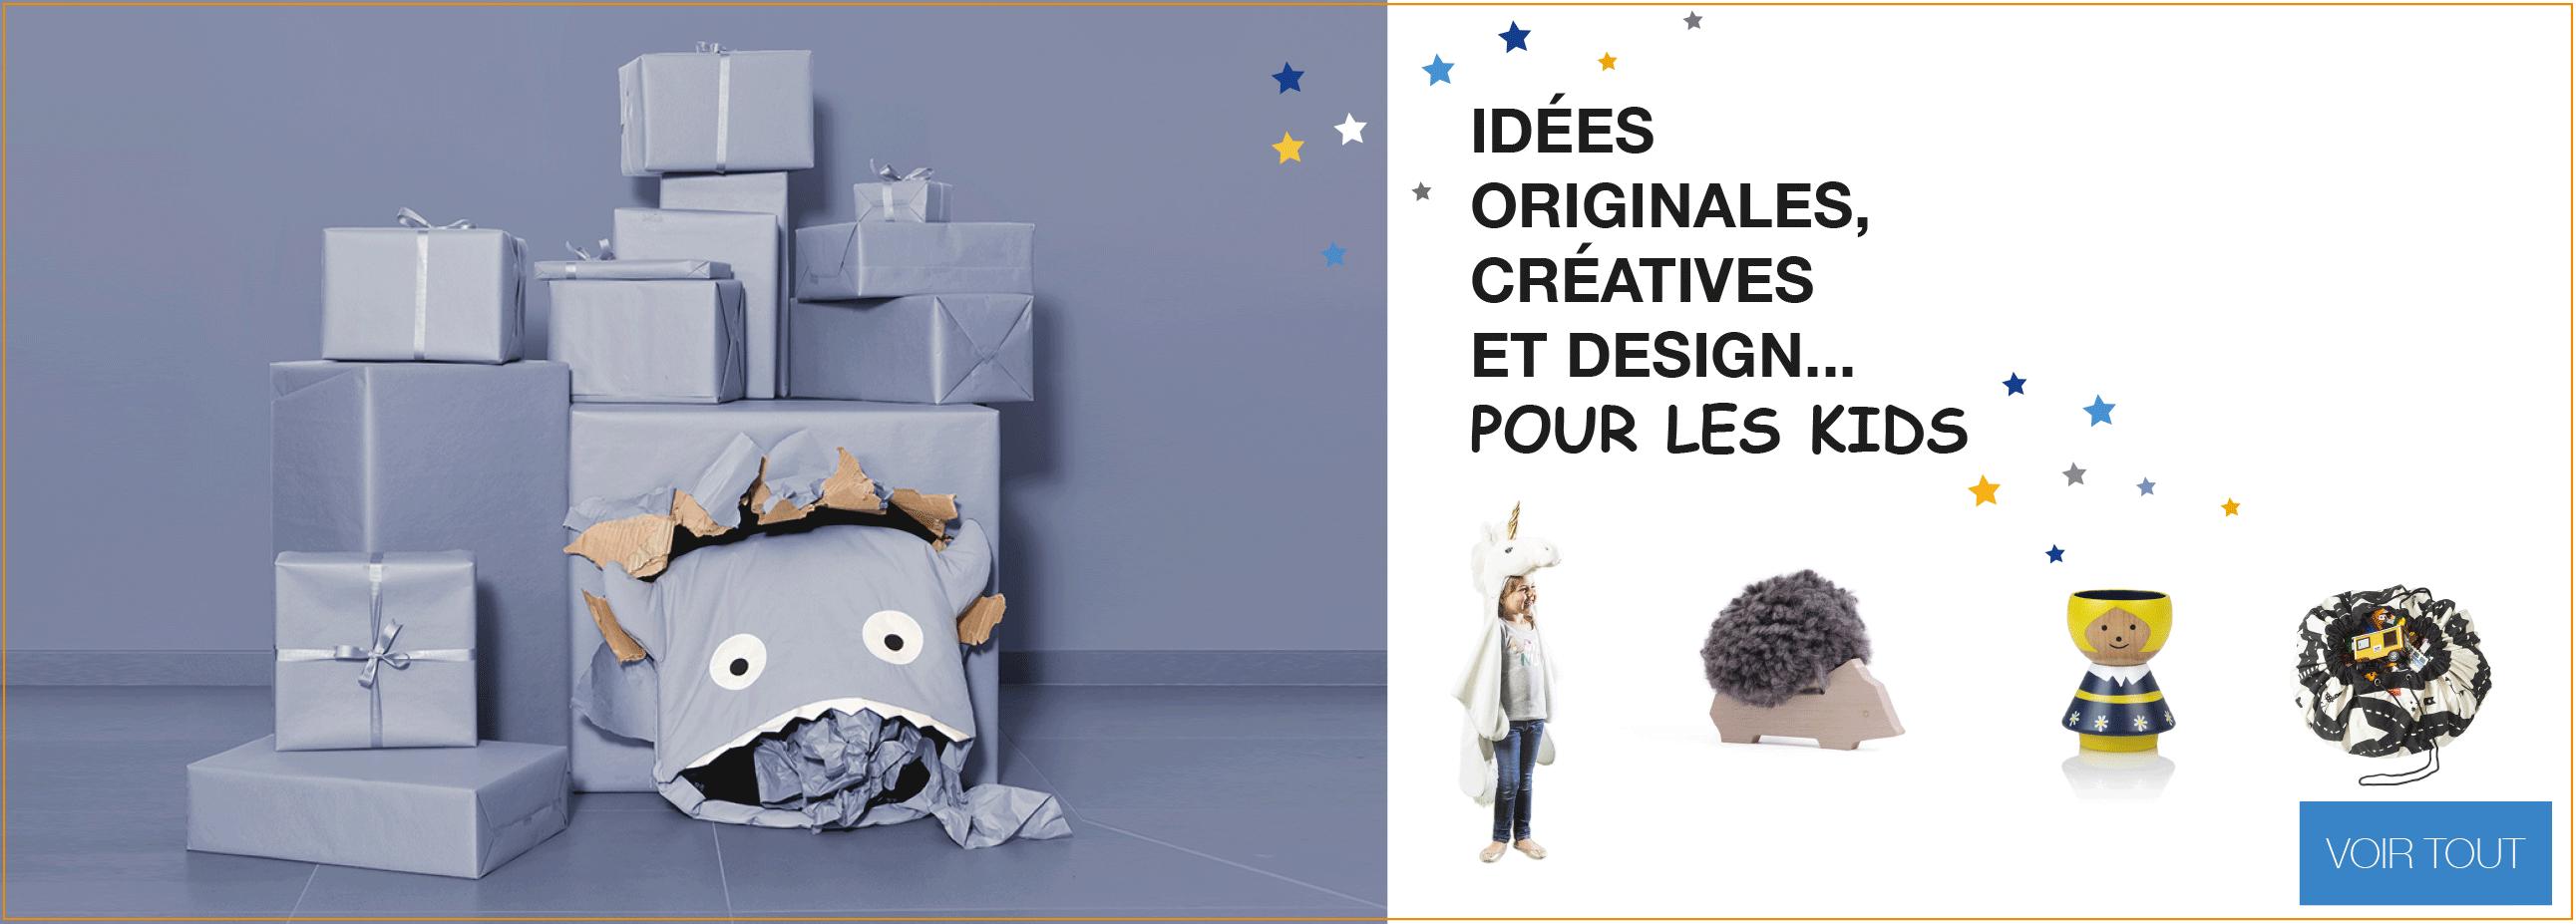 Idées cadeau pour les KIDS - Noël 2017